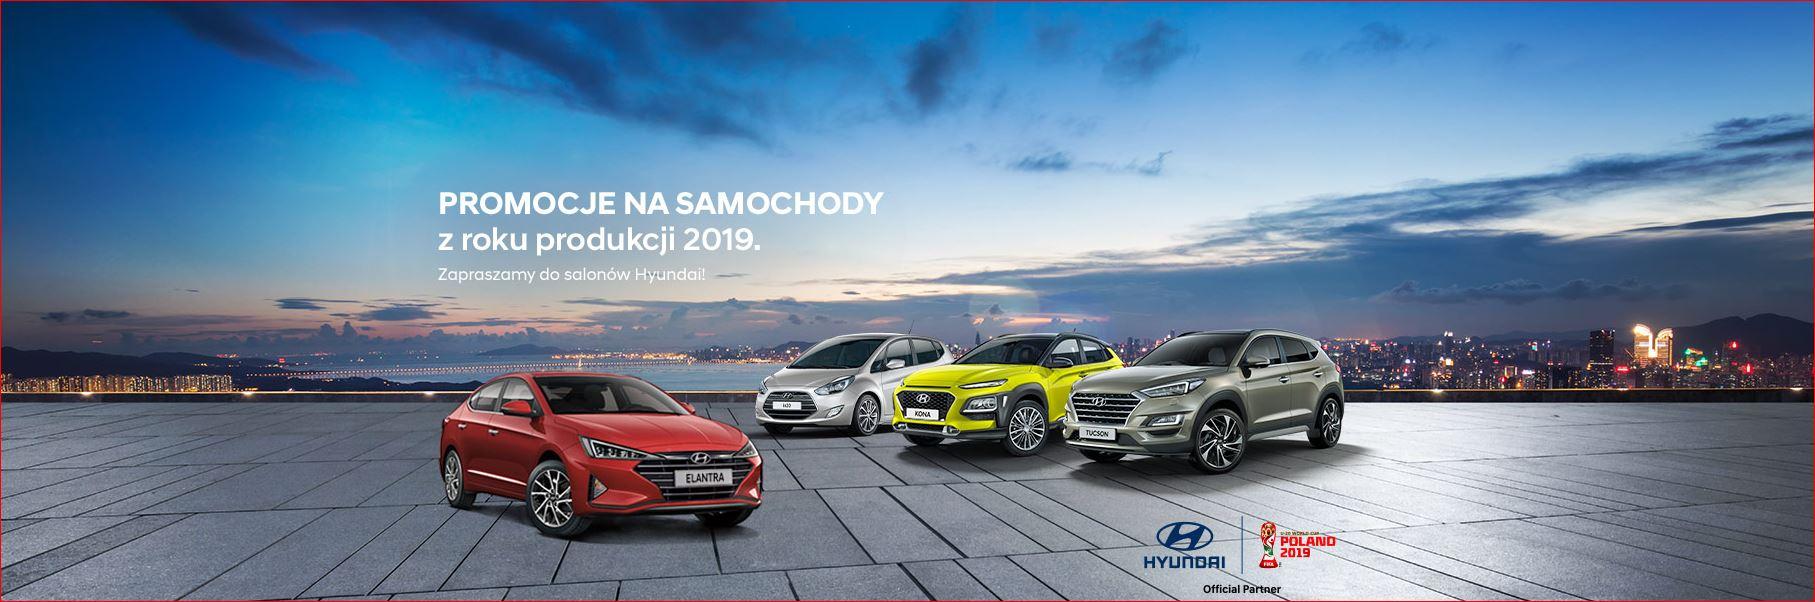 Hyundai ustala promocje na samochody z rocznika 2019 3